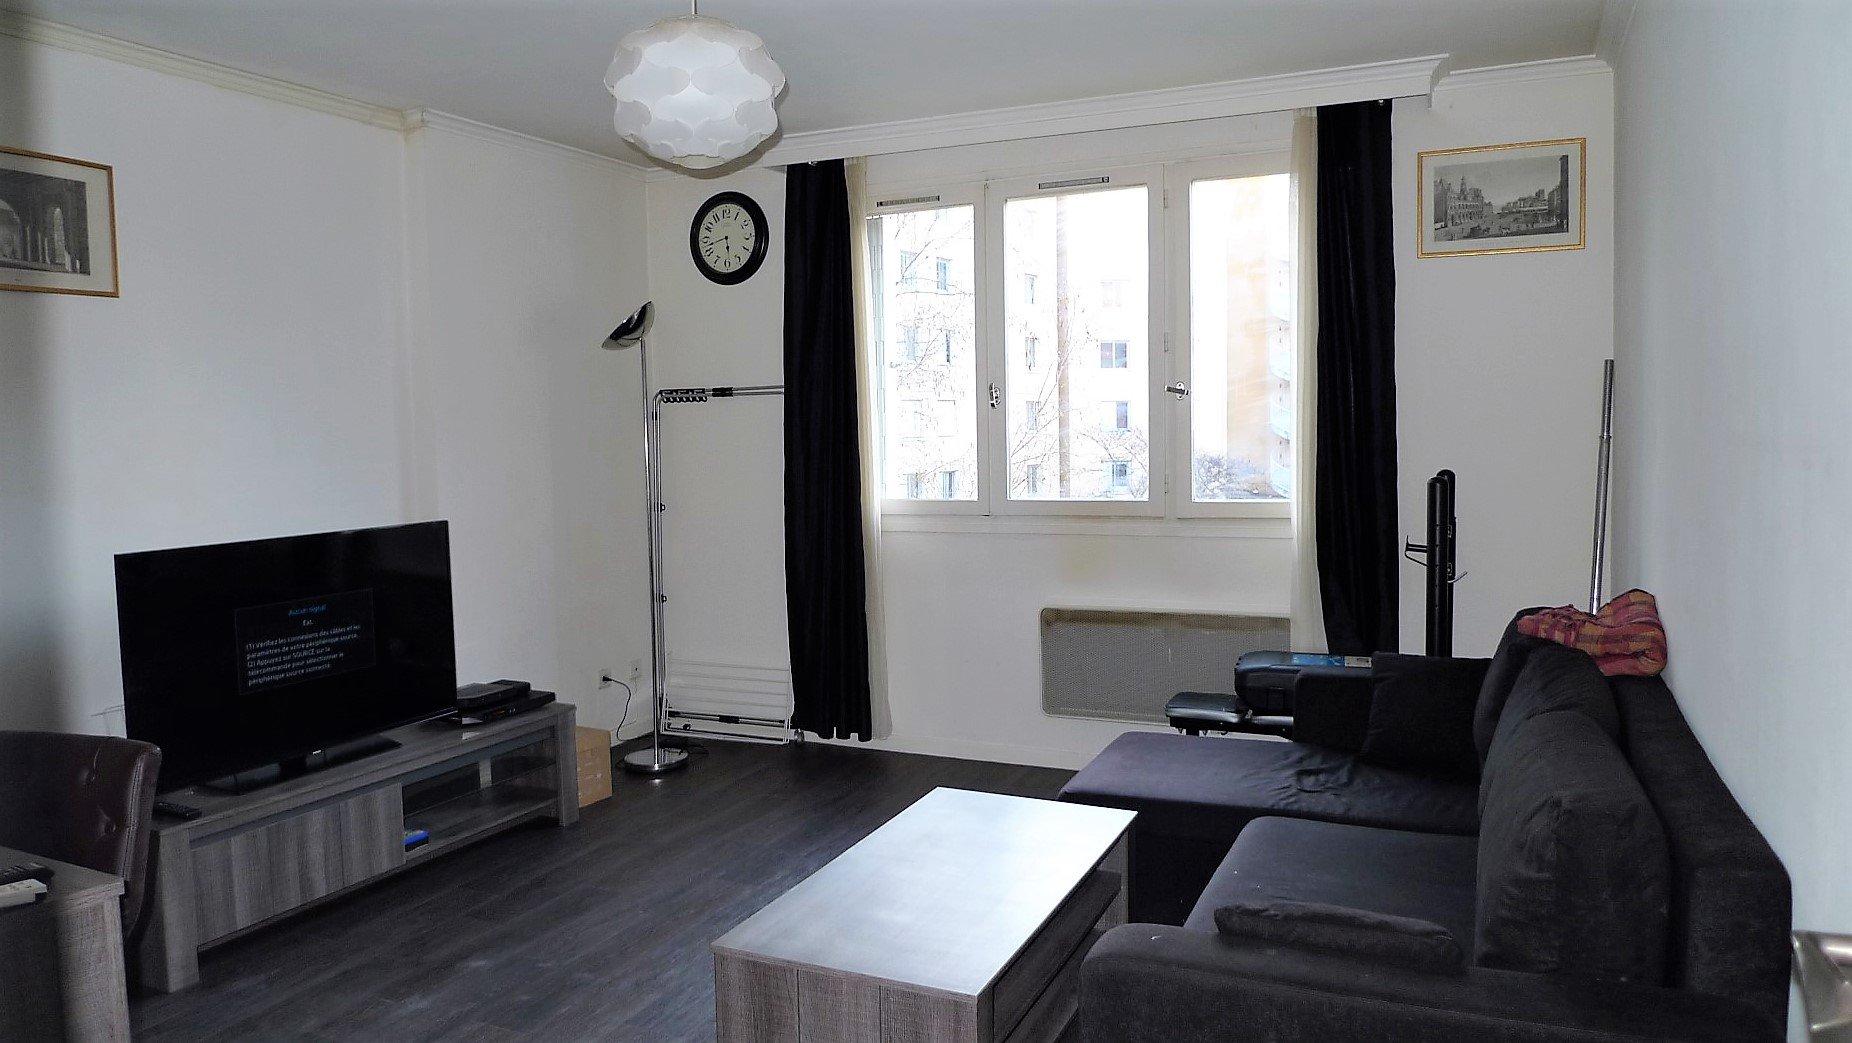 Achat Appartement Surface de 67.1 m², 3 pièces, Villeurbanne (69100)